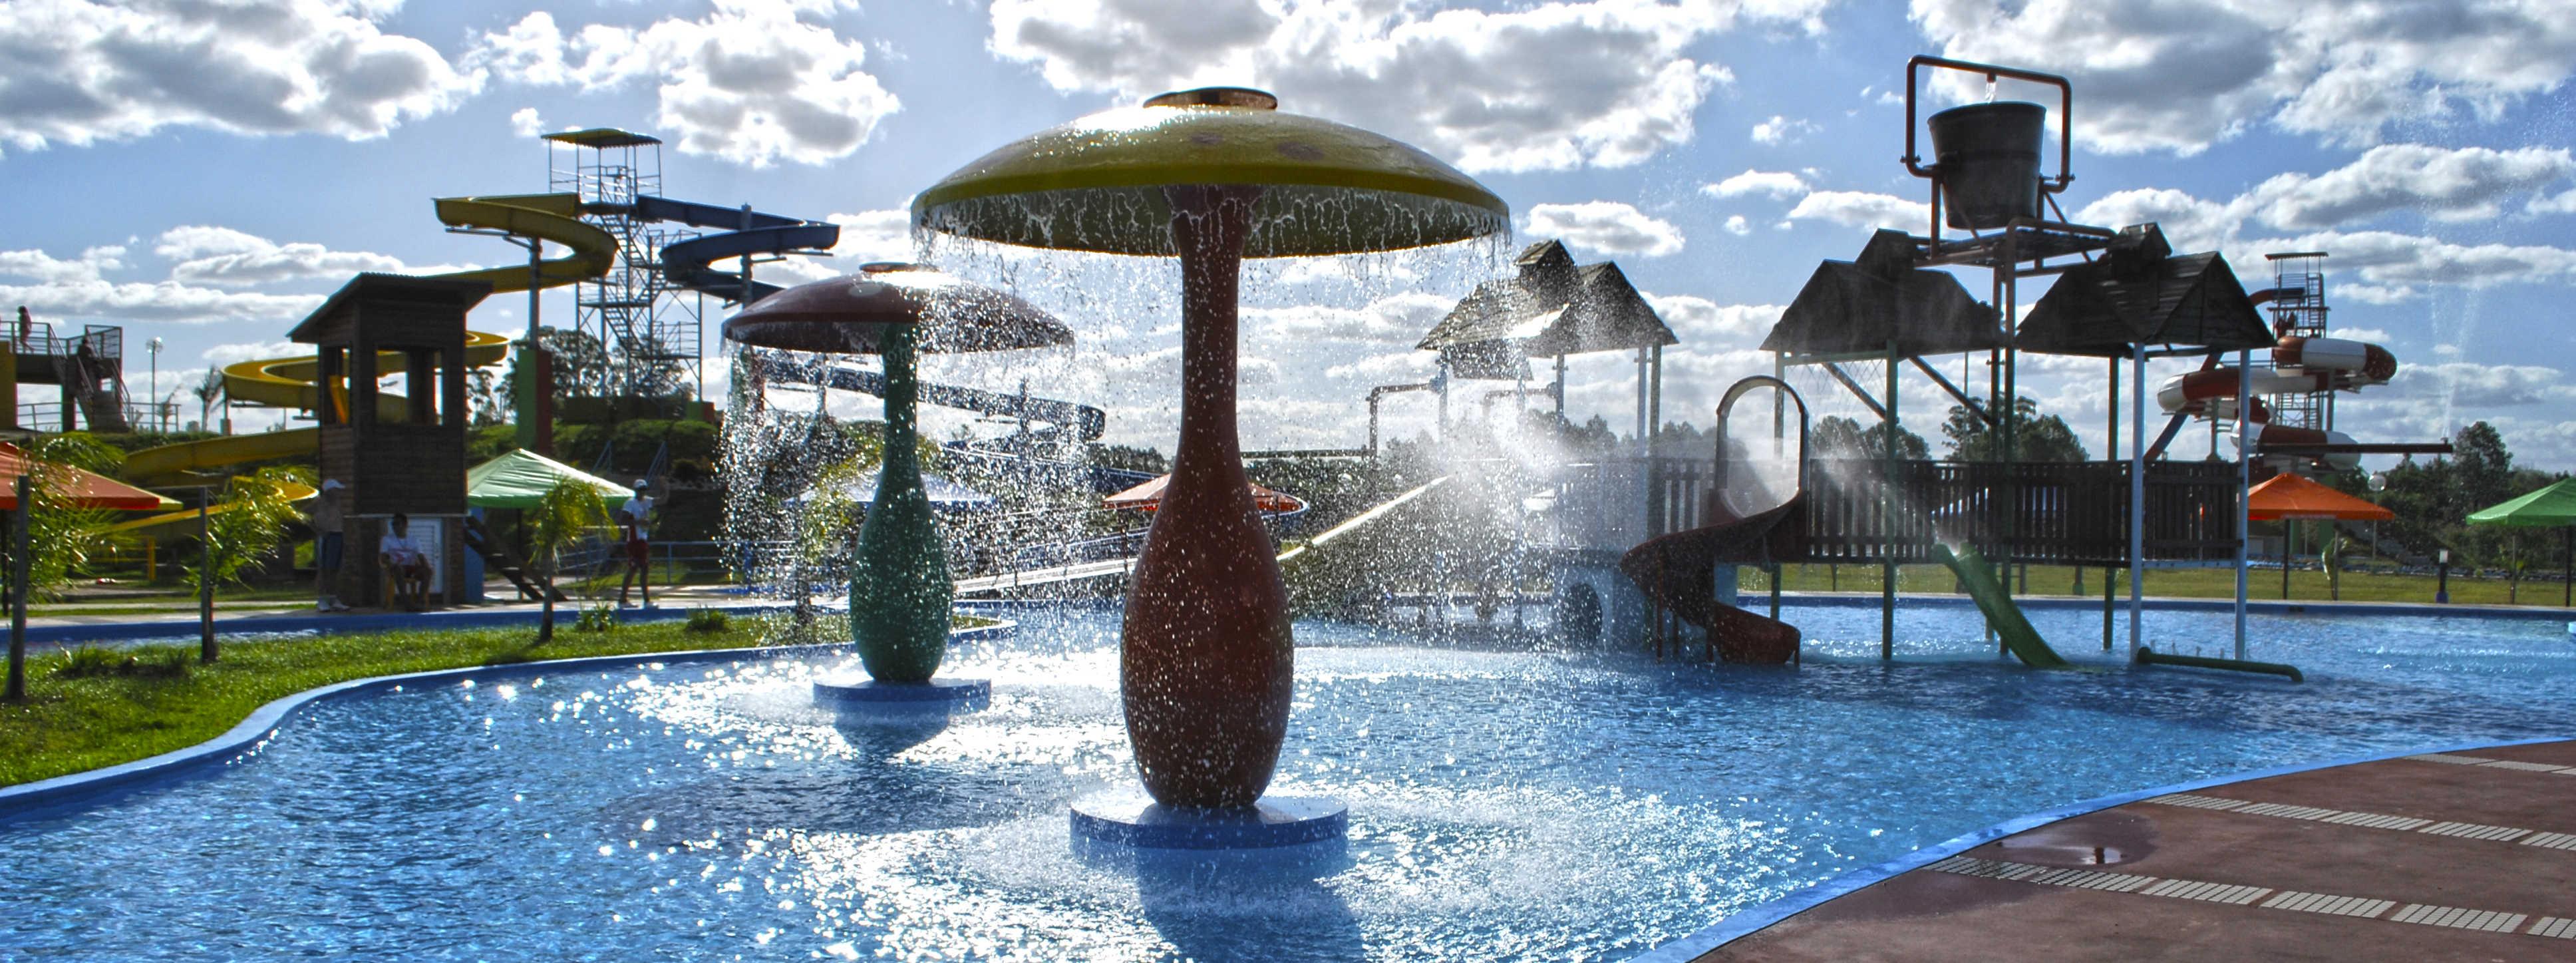 Imágen de toboganes y piletas del Parque Acuatico termal de la ciudad de federación en Entre Ríos